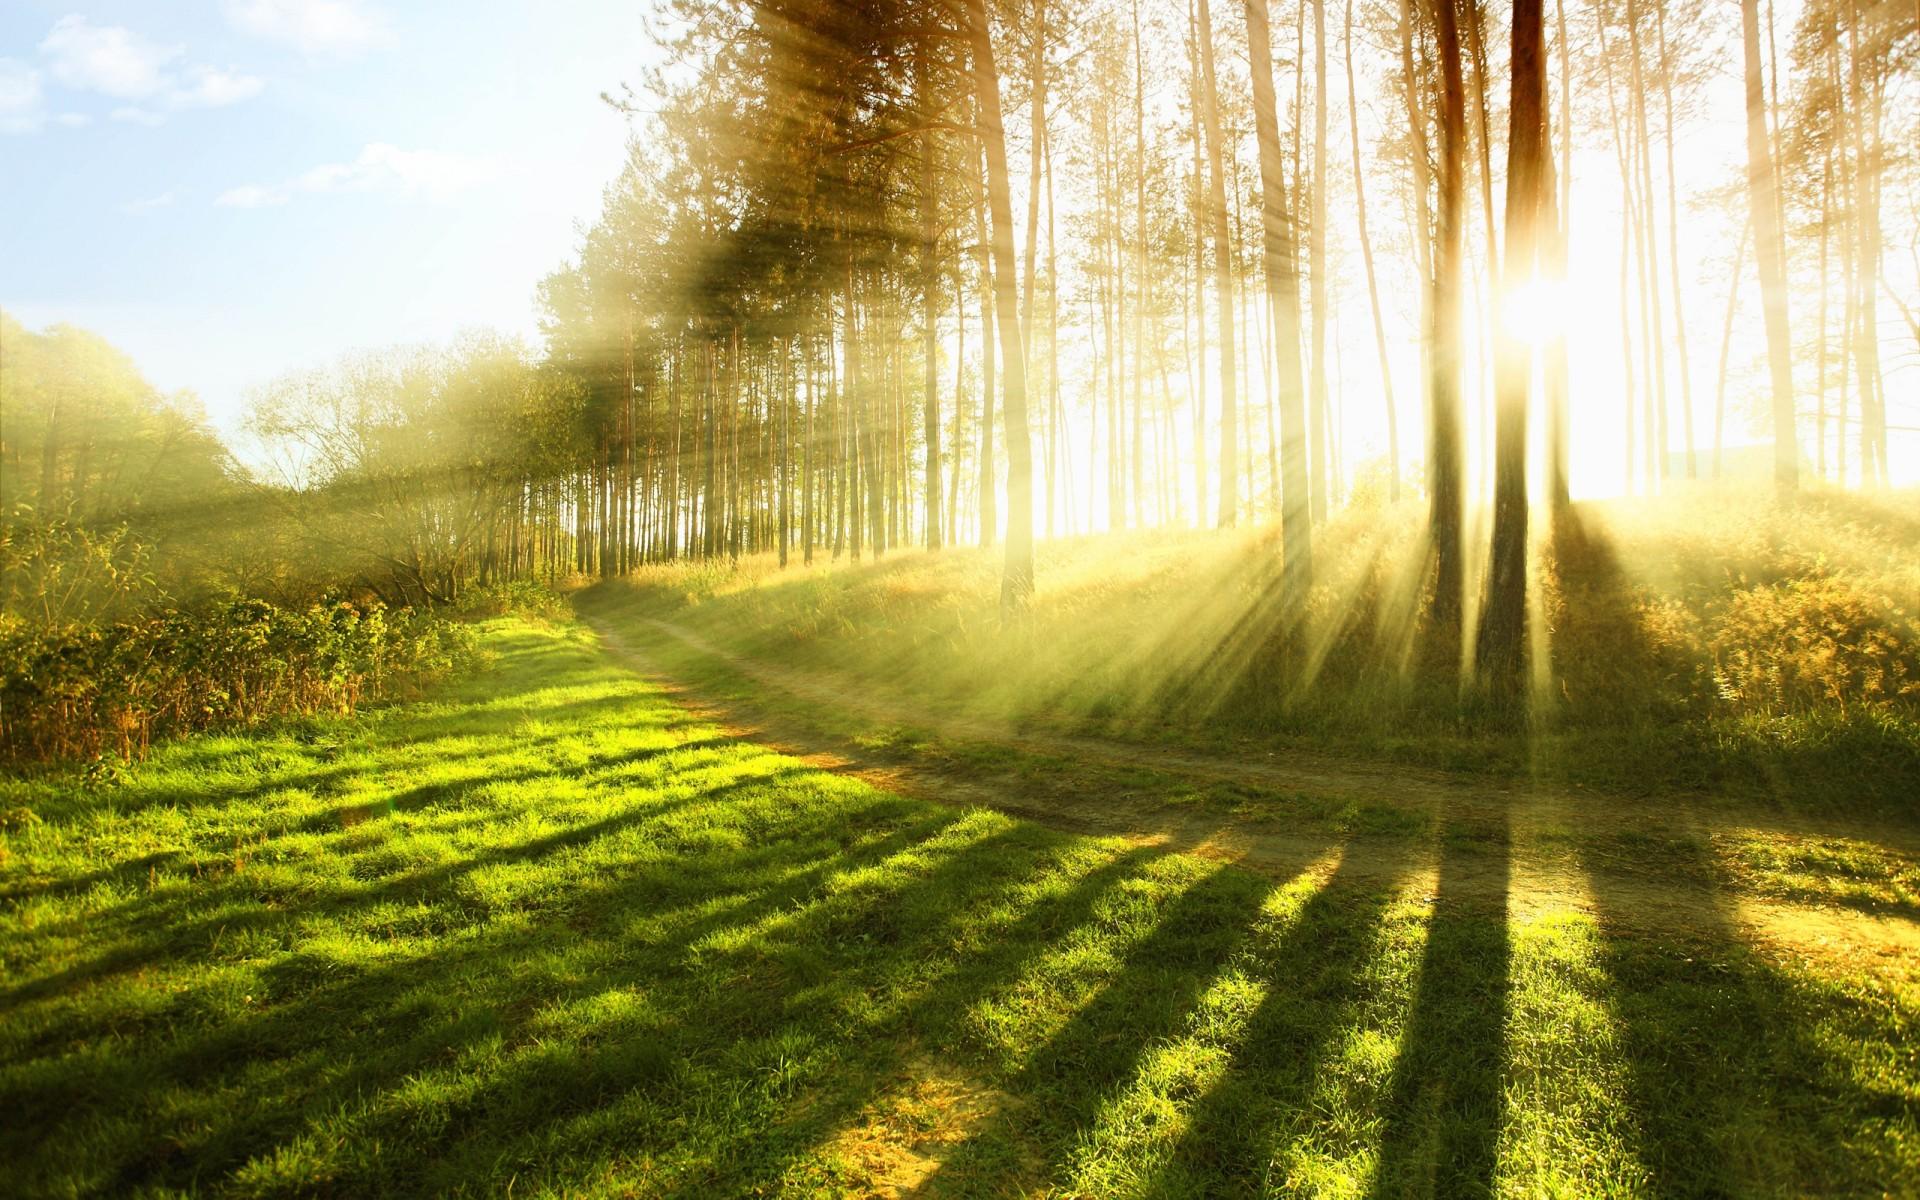 Wallpaper : pemandangan, pohon, bidang, matahari terbit 1920x1200